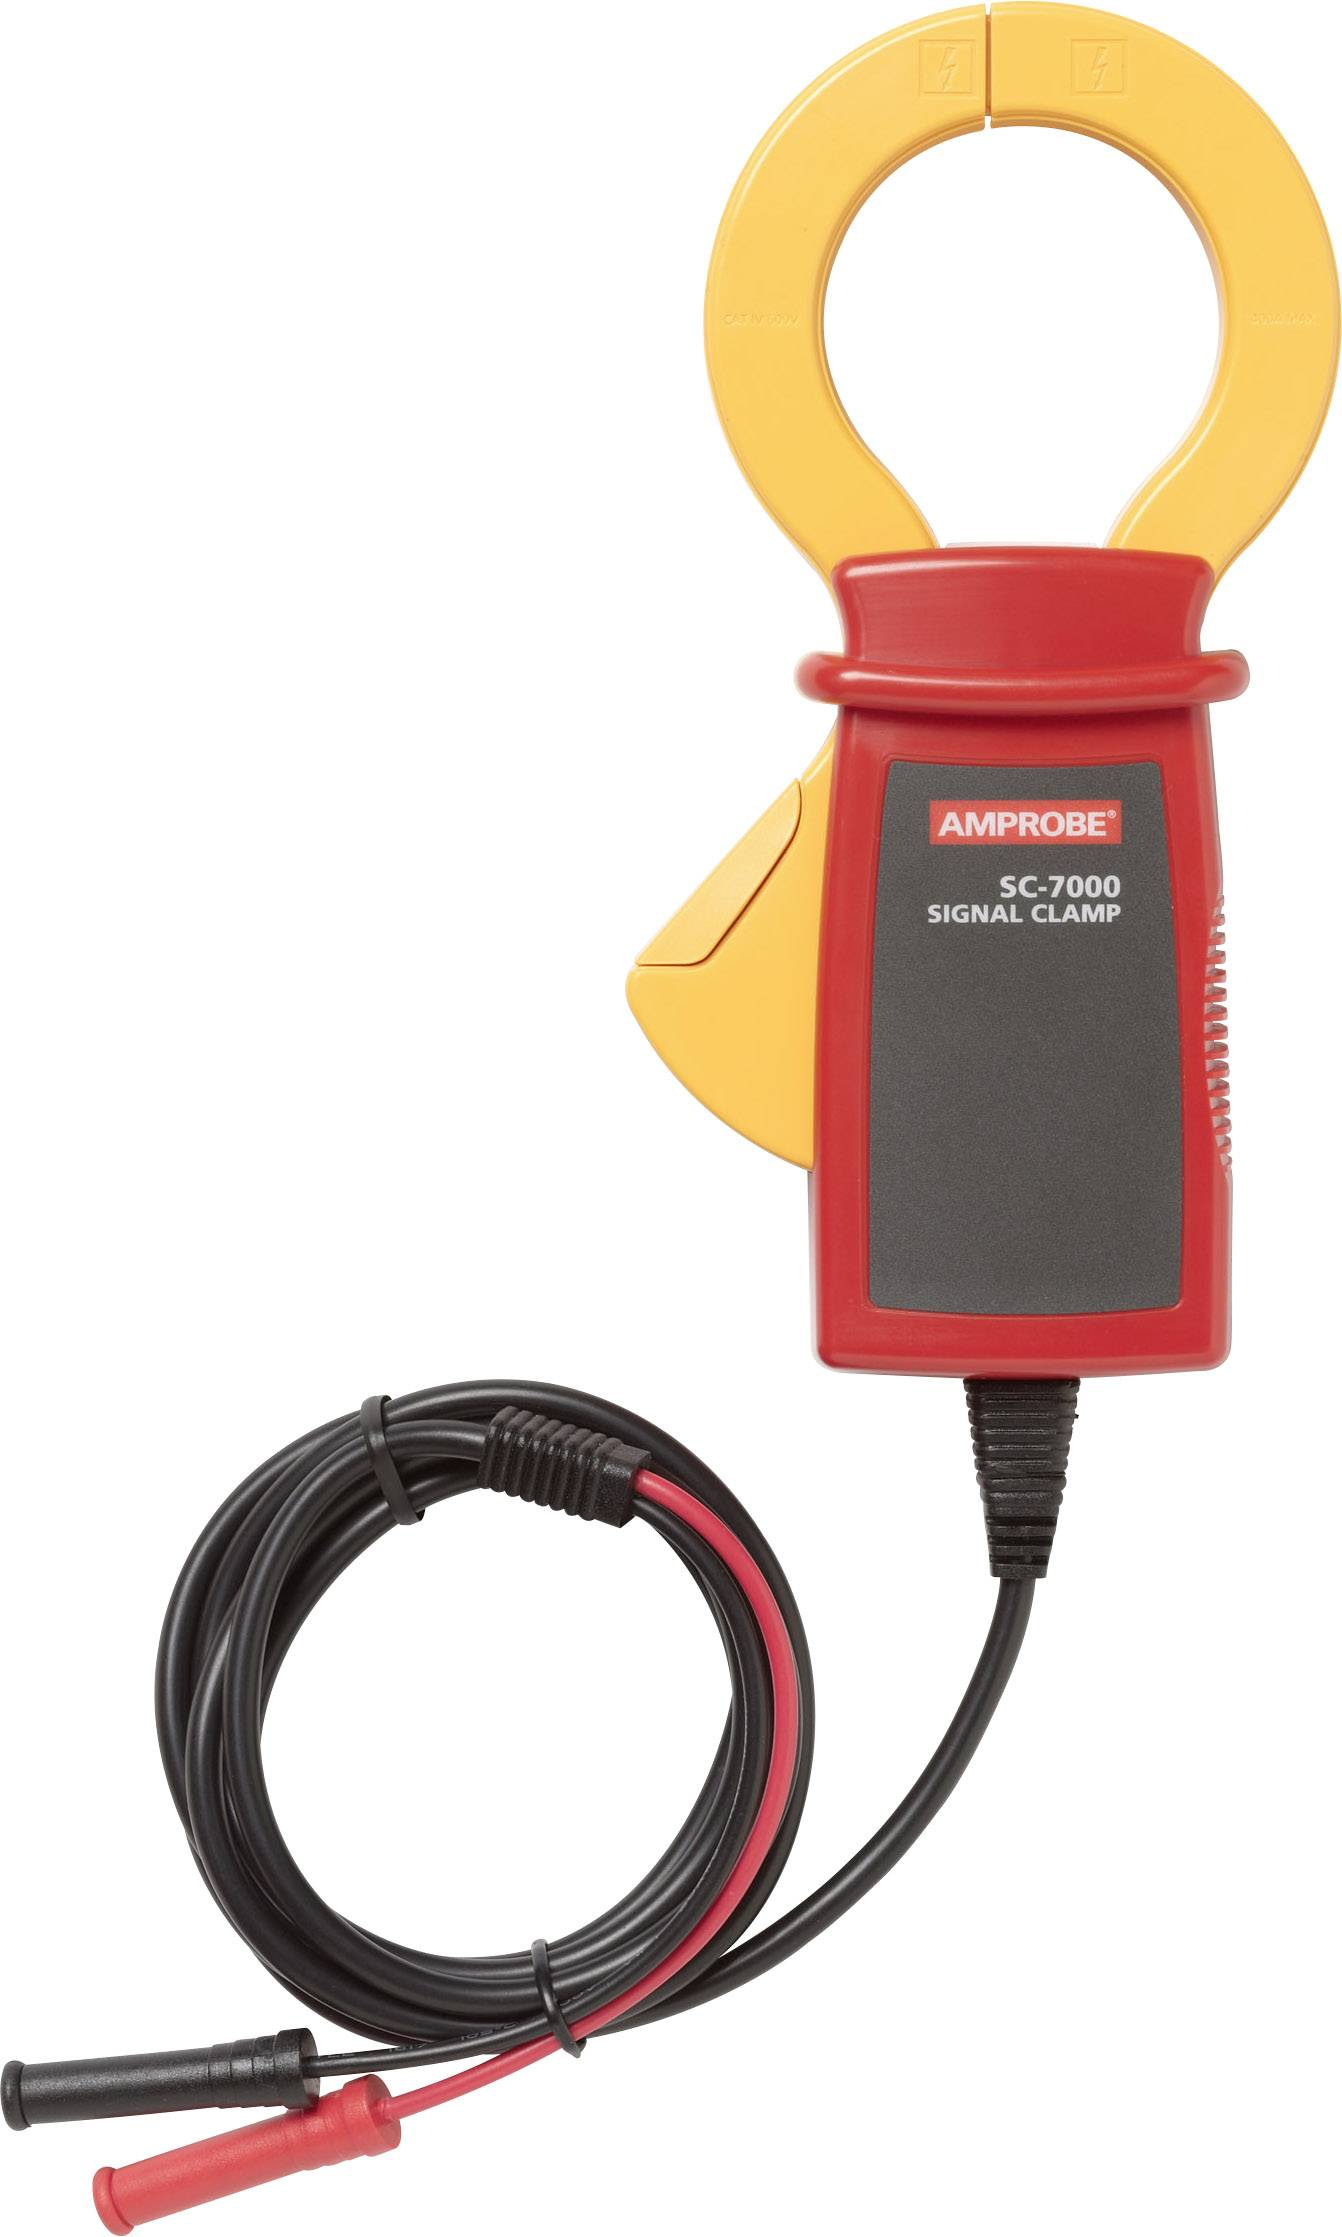 Prúdové kliešte Beha AMPROBE SC-7000 SIGNAL, 4542825 pre vyhľadávač vedenia AT LCM-7000